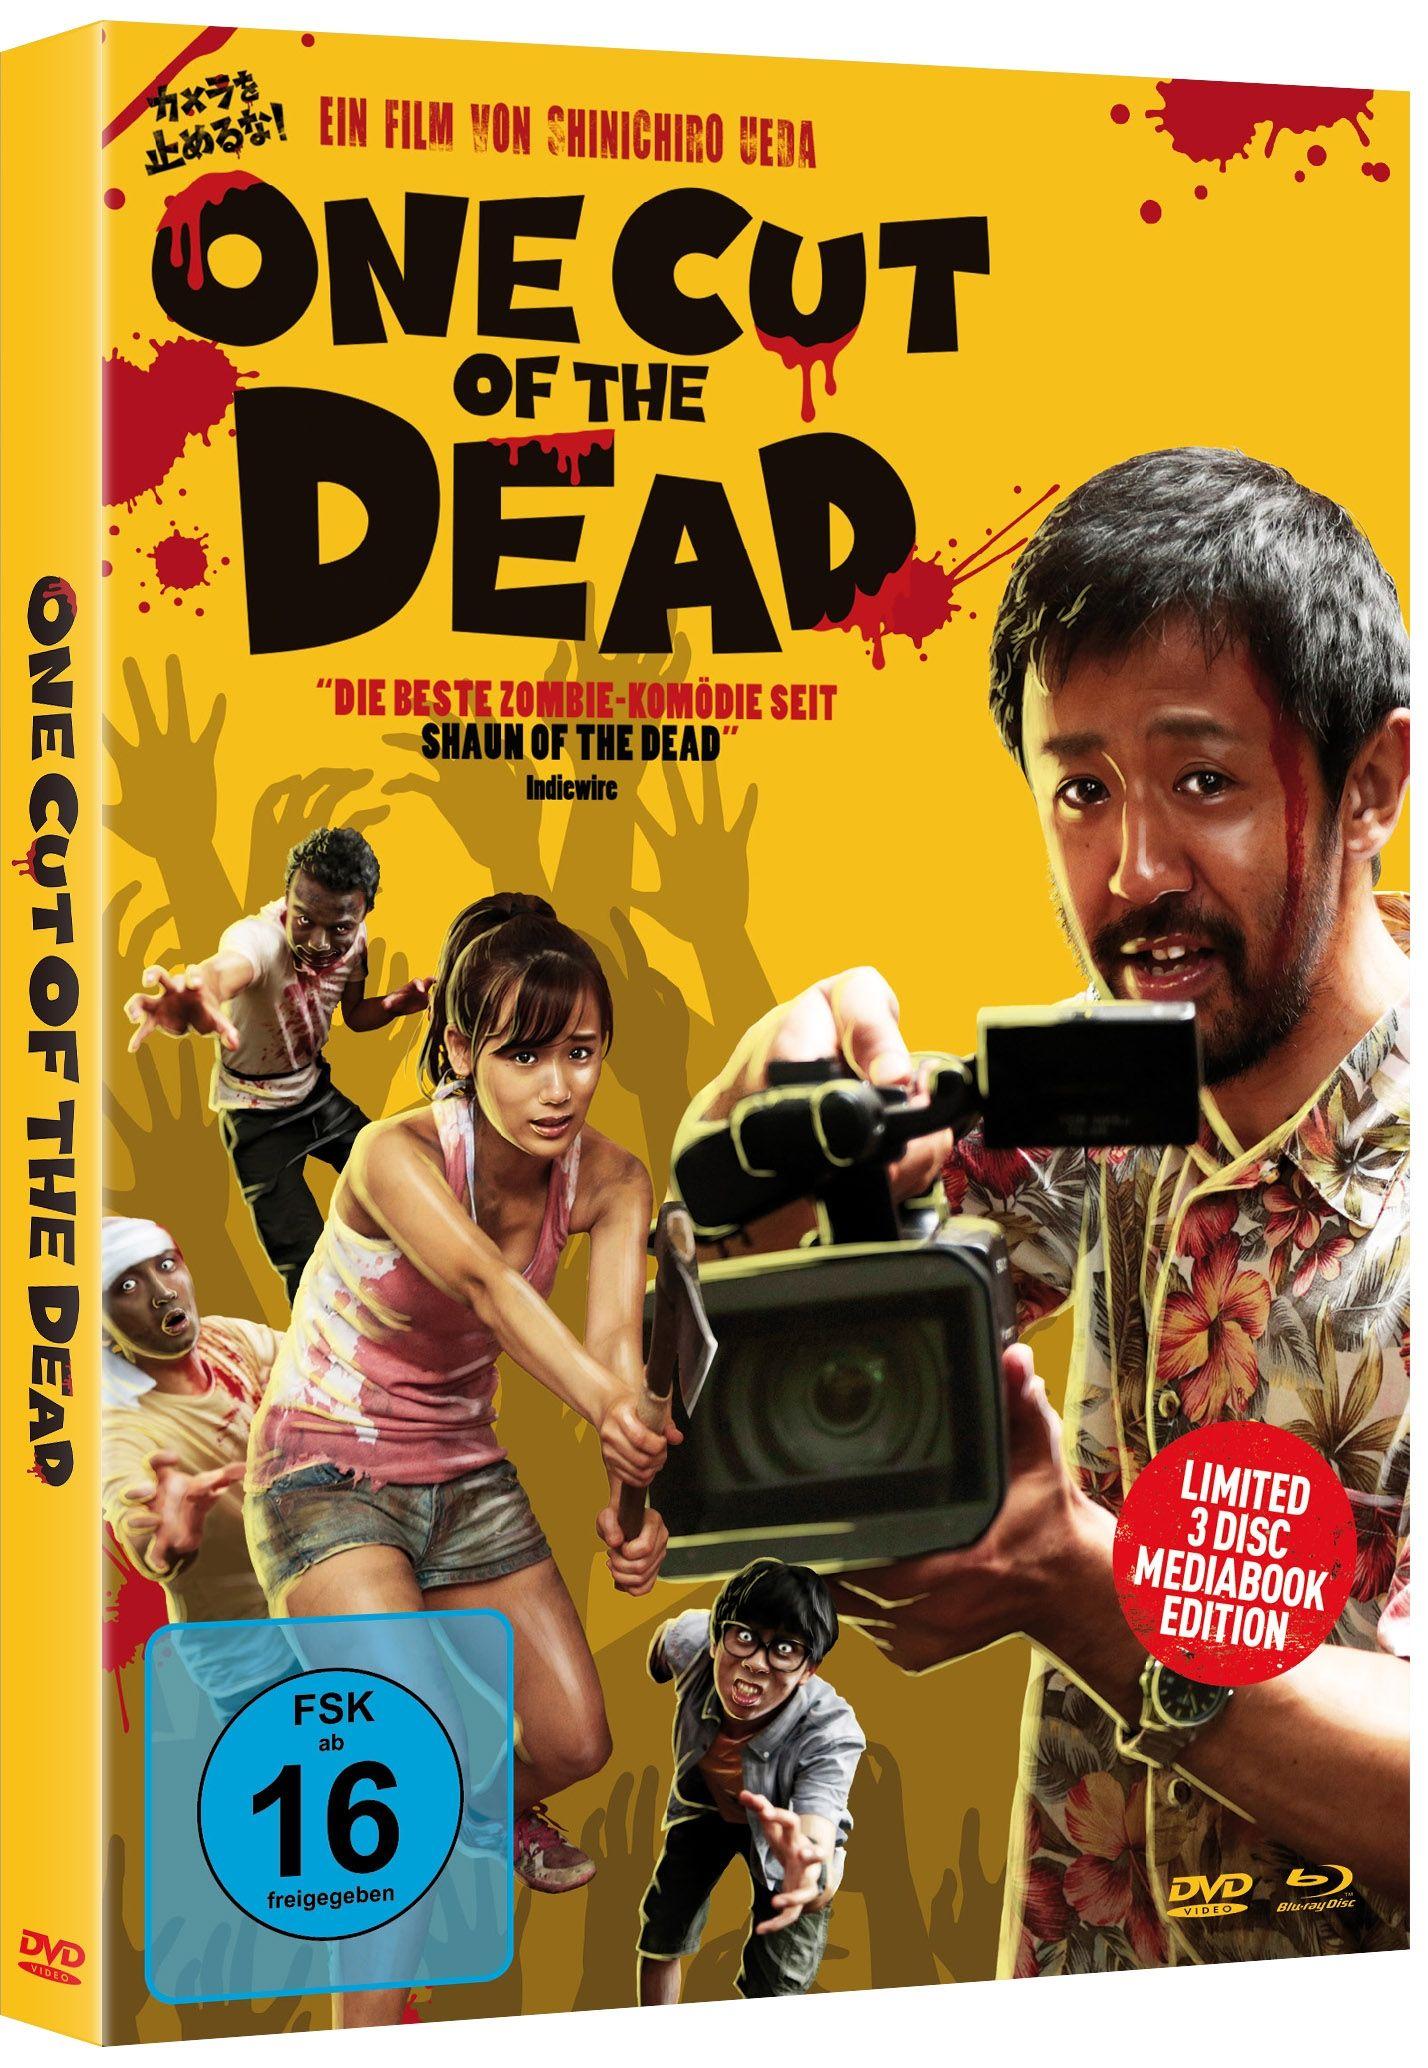 One Cut of the Dead (Lim. Uncut DVD-Format Mediabook) (2 DVD + BLURAY)